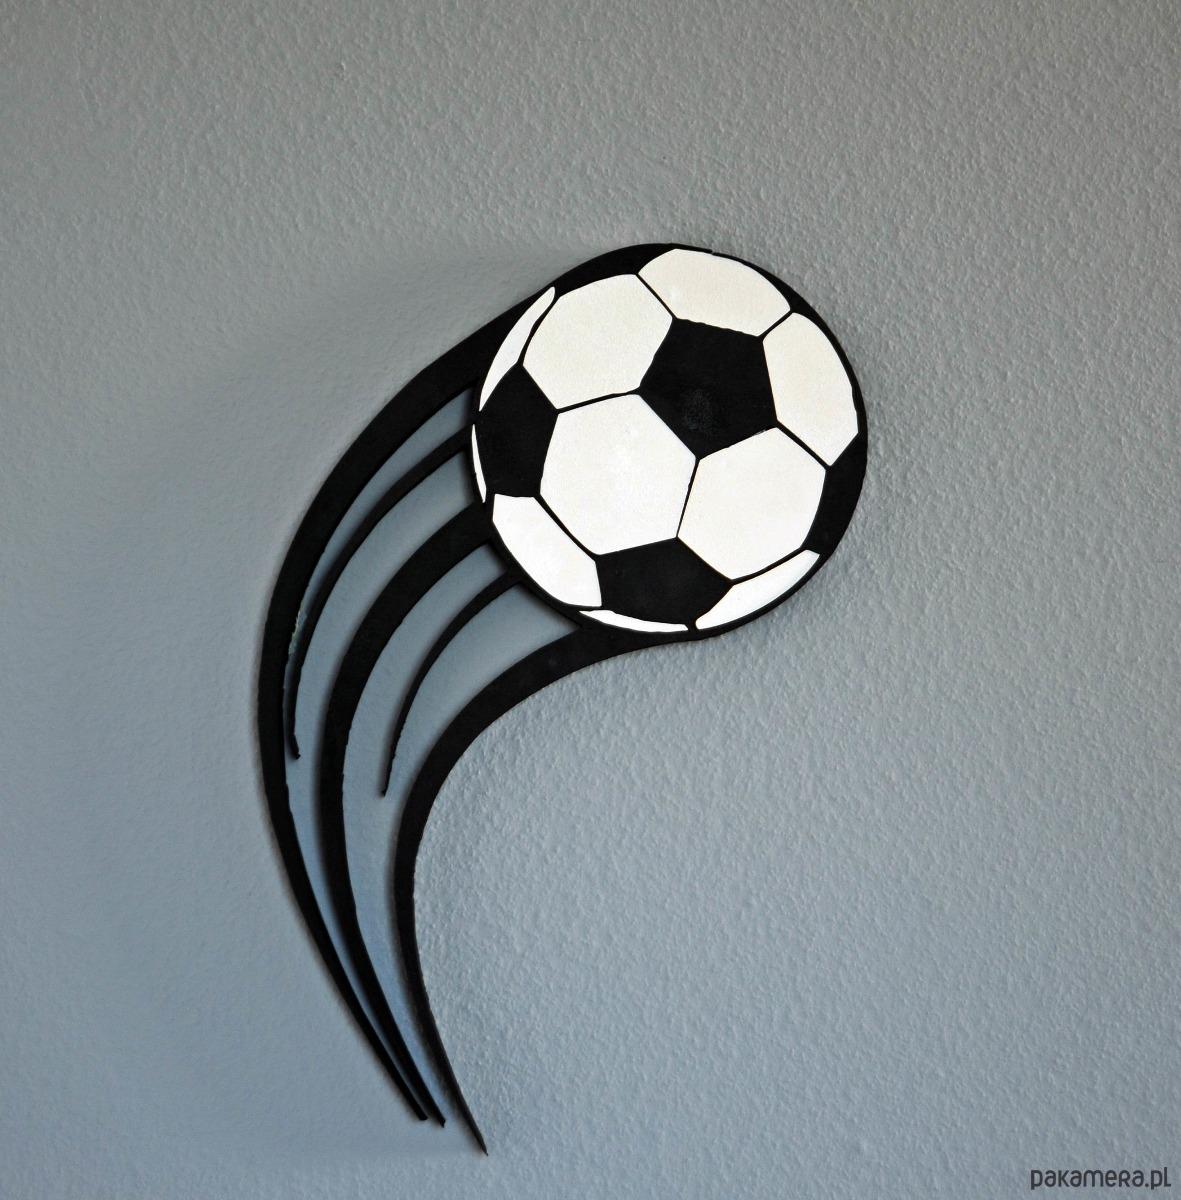 Dekoracja 3d Piłka Nożna W Locie Pokój Dziecka Naklejki ścienne